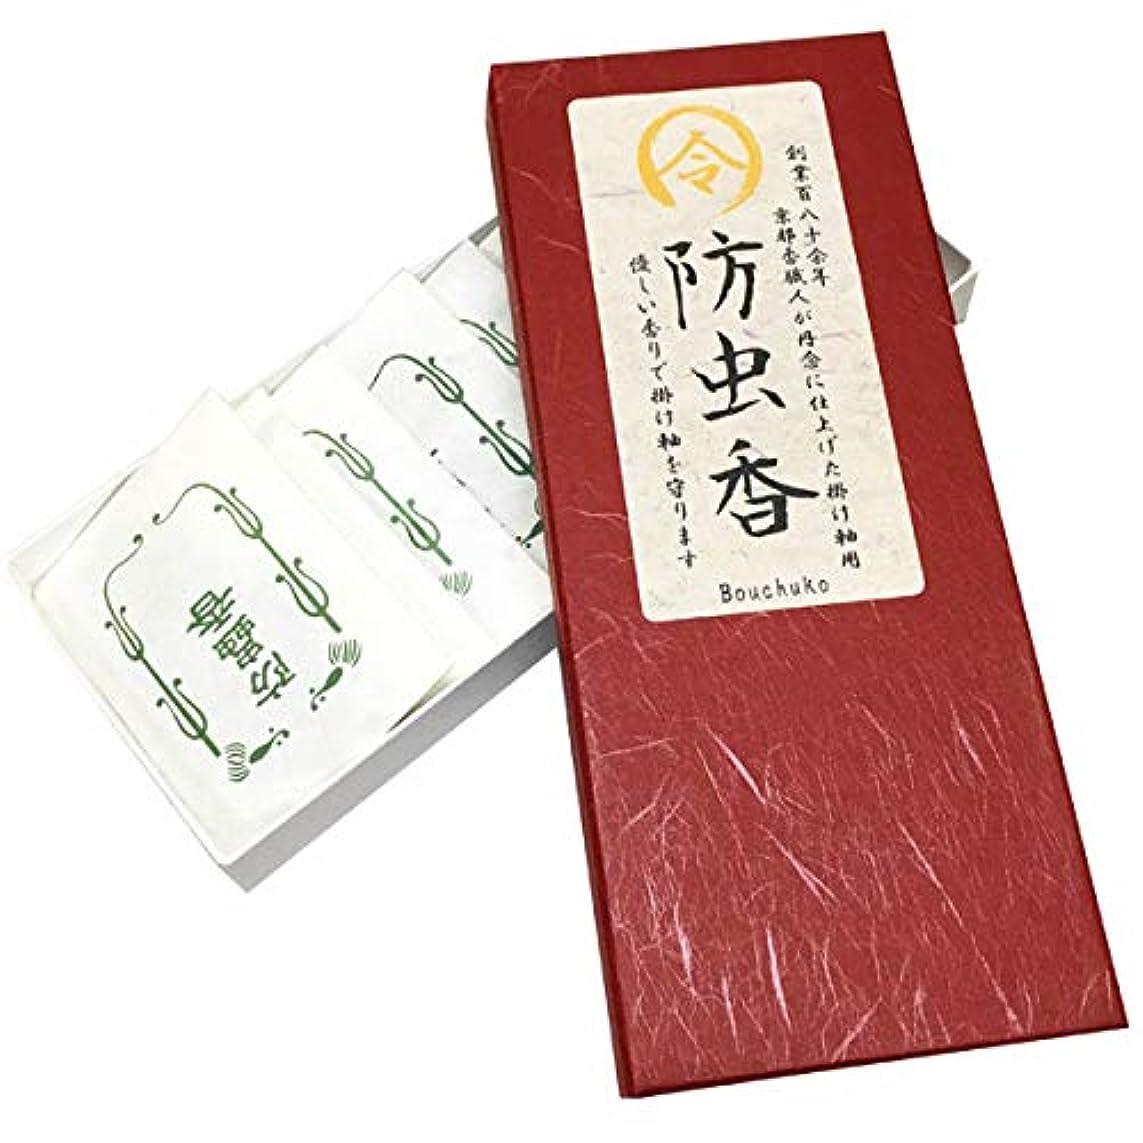 洗う変装したエンコミウム掛け軸用 表具用 高級香 令和印の掛軸防虫香(白檀香) 1箱10袋入り